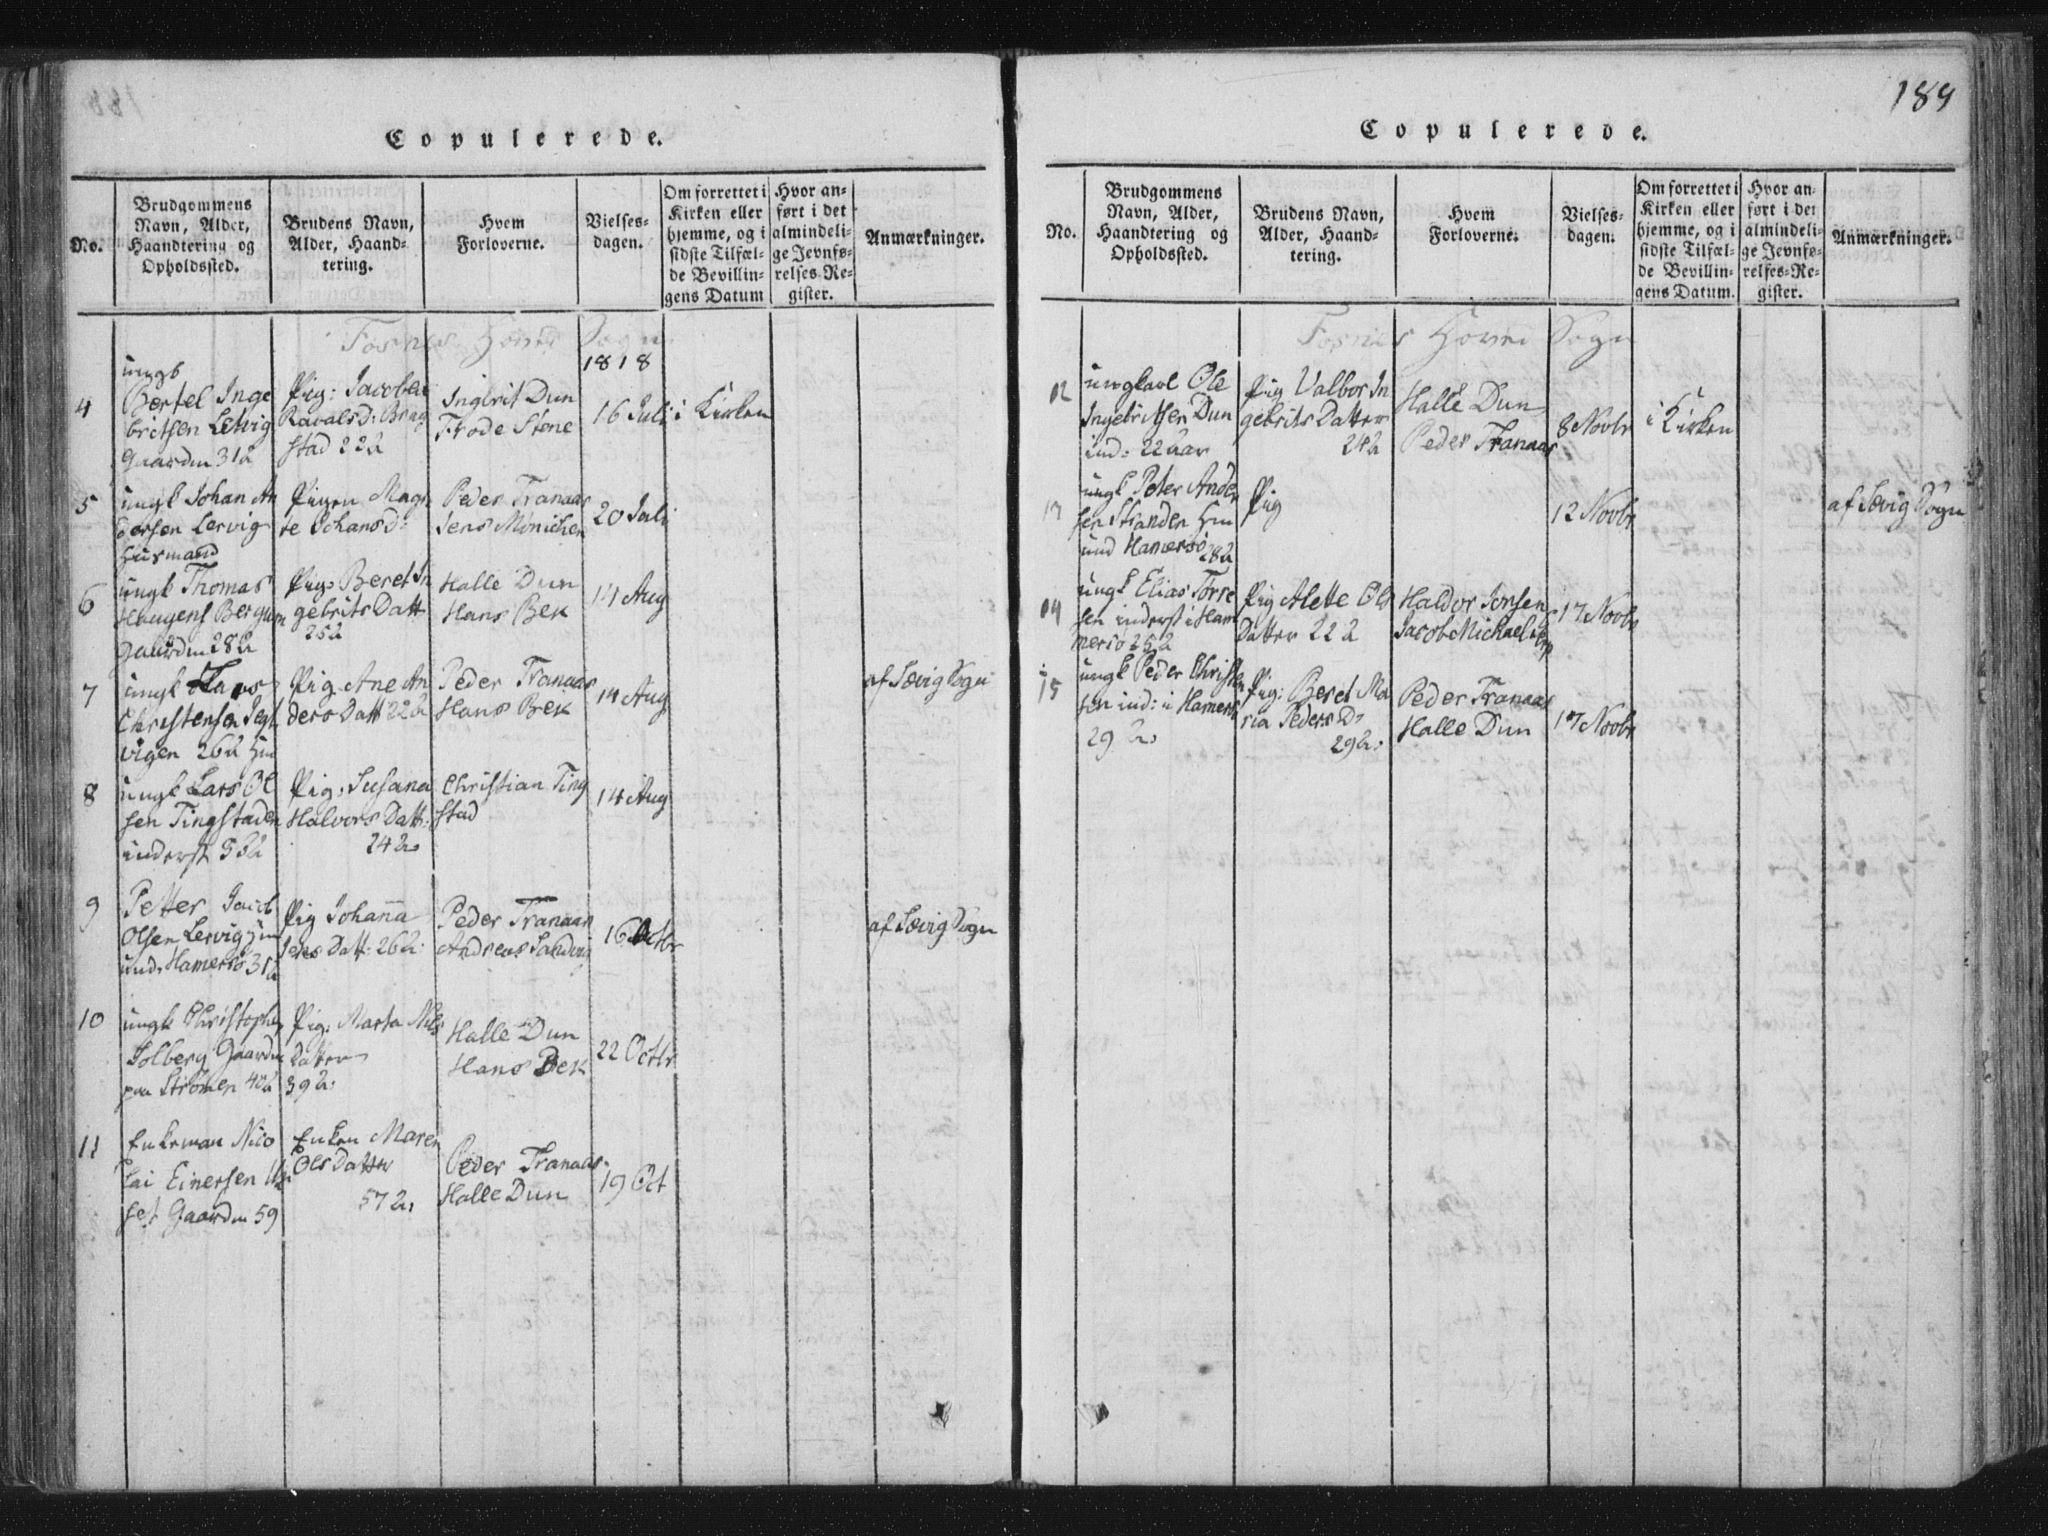 SAT, Ministerialprotokoller, klokkerbøker og fødselsregistre - Nord-Trøndelag, 773/L0609: Ministerialbok nr. 773A03 /1, 1815-1830, s. 189